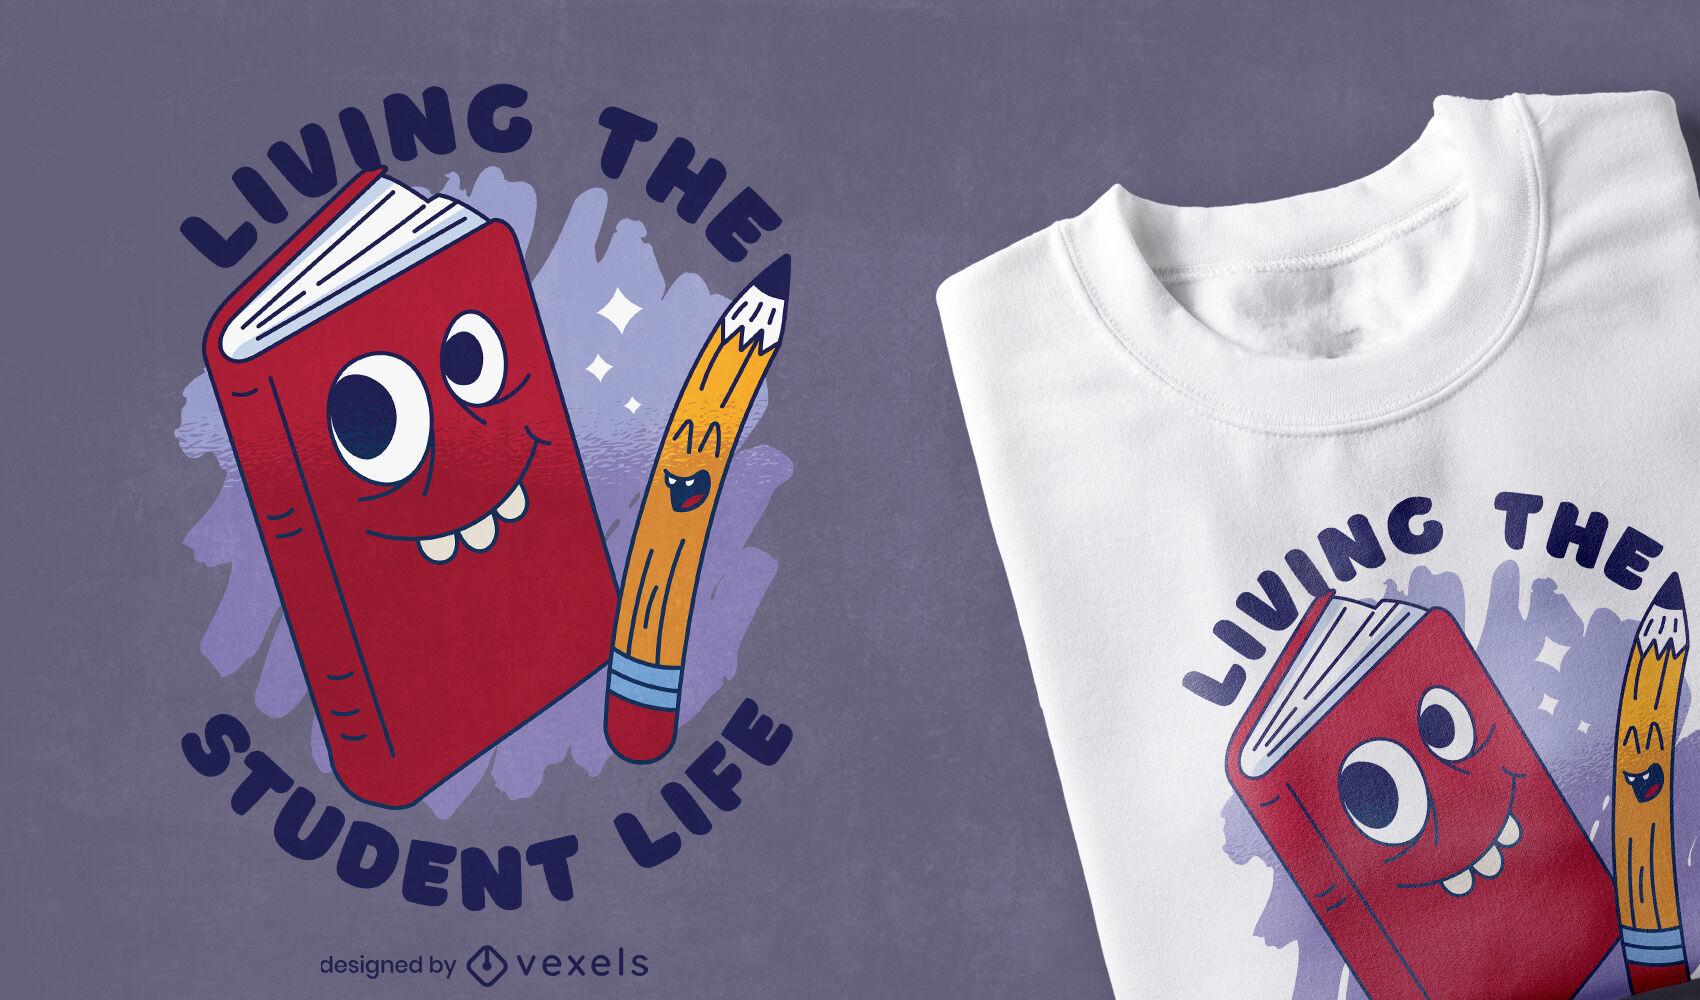 Book and pencil cartoon t-shirt design